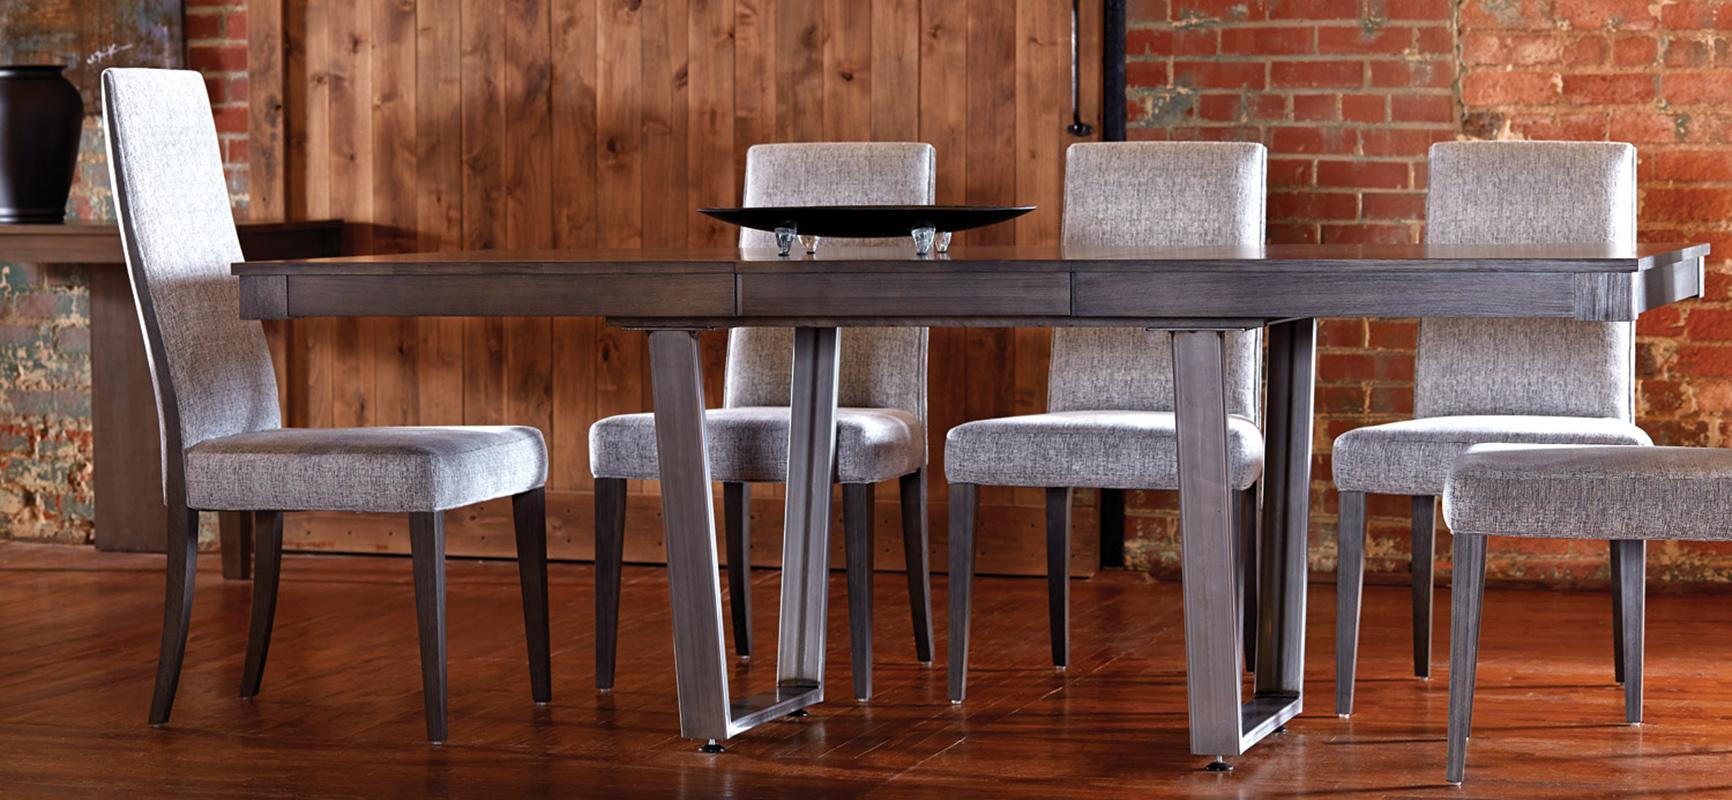 meubles la d tente meubles tendances gatineau et ottawa